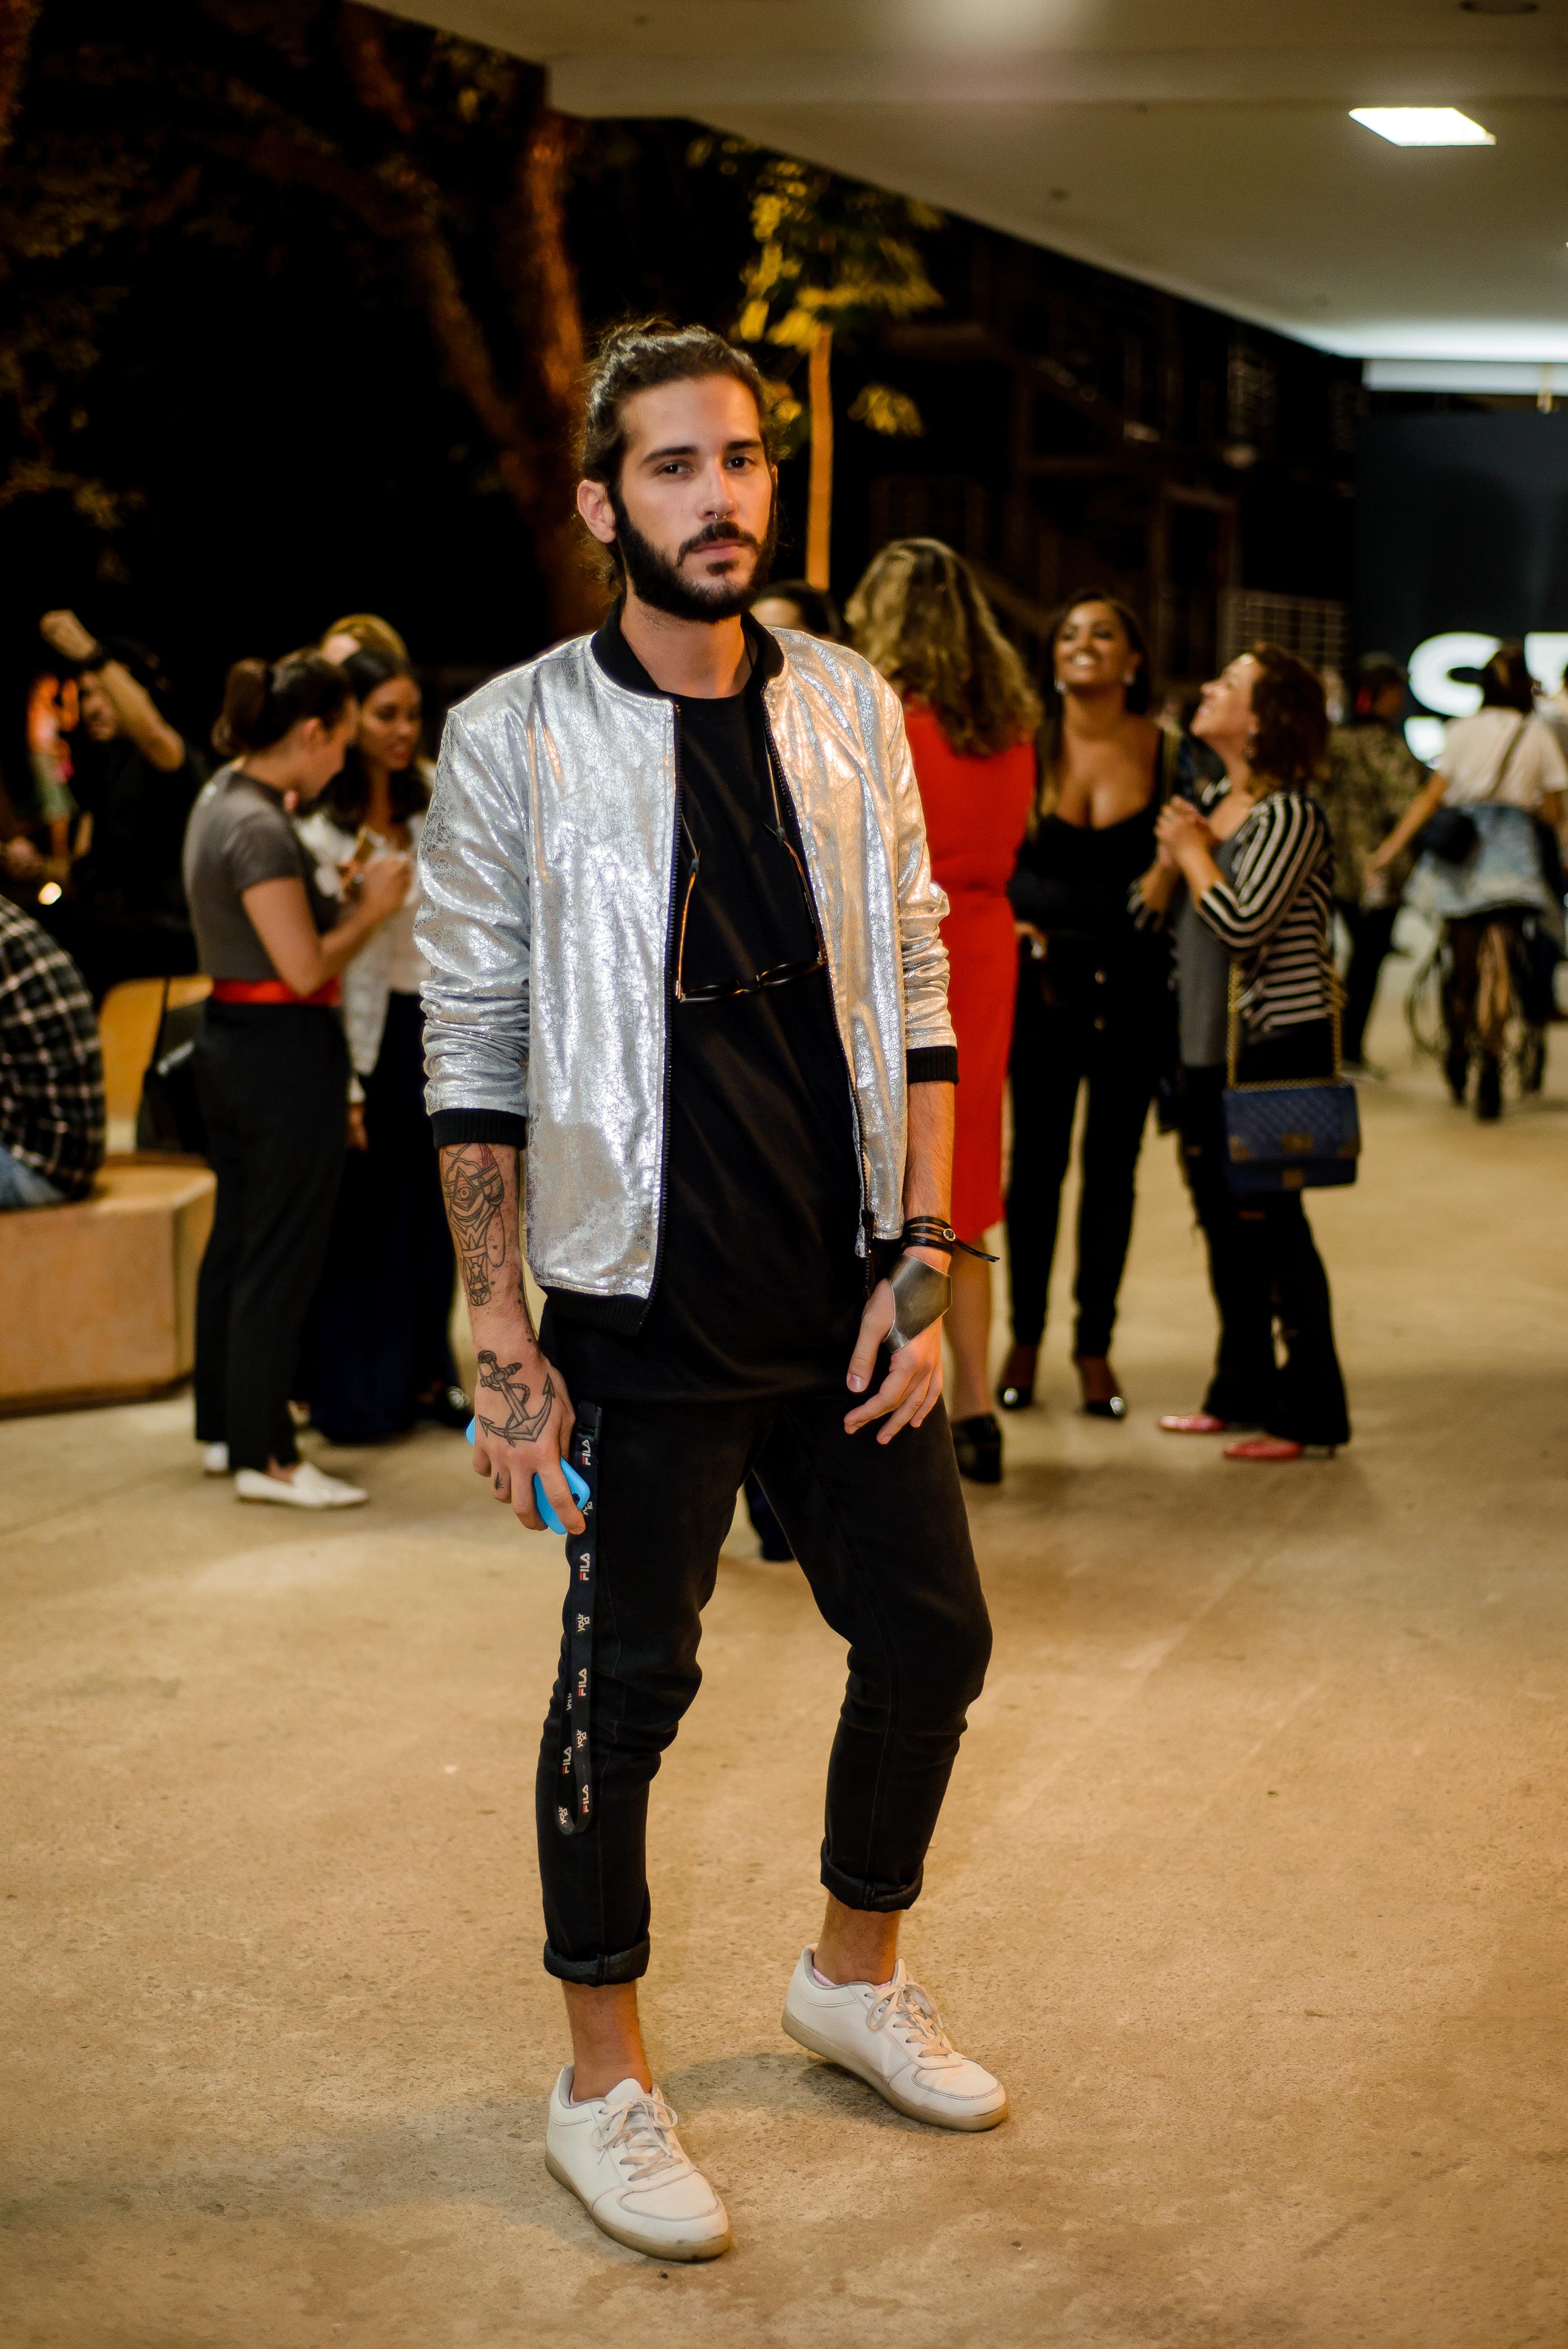 spfwn43-street-style-moda-masculina-estilo-masculino-style-fashion-moda-2017-moda-sem-censura-beleza-blog-de-moda-men-man-boy-estilo (4)